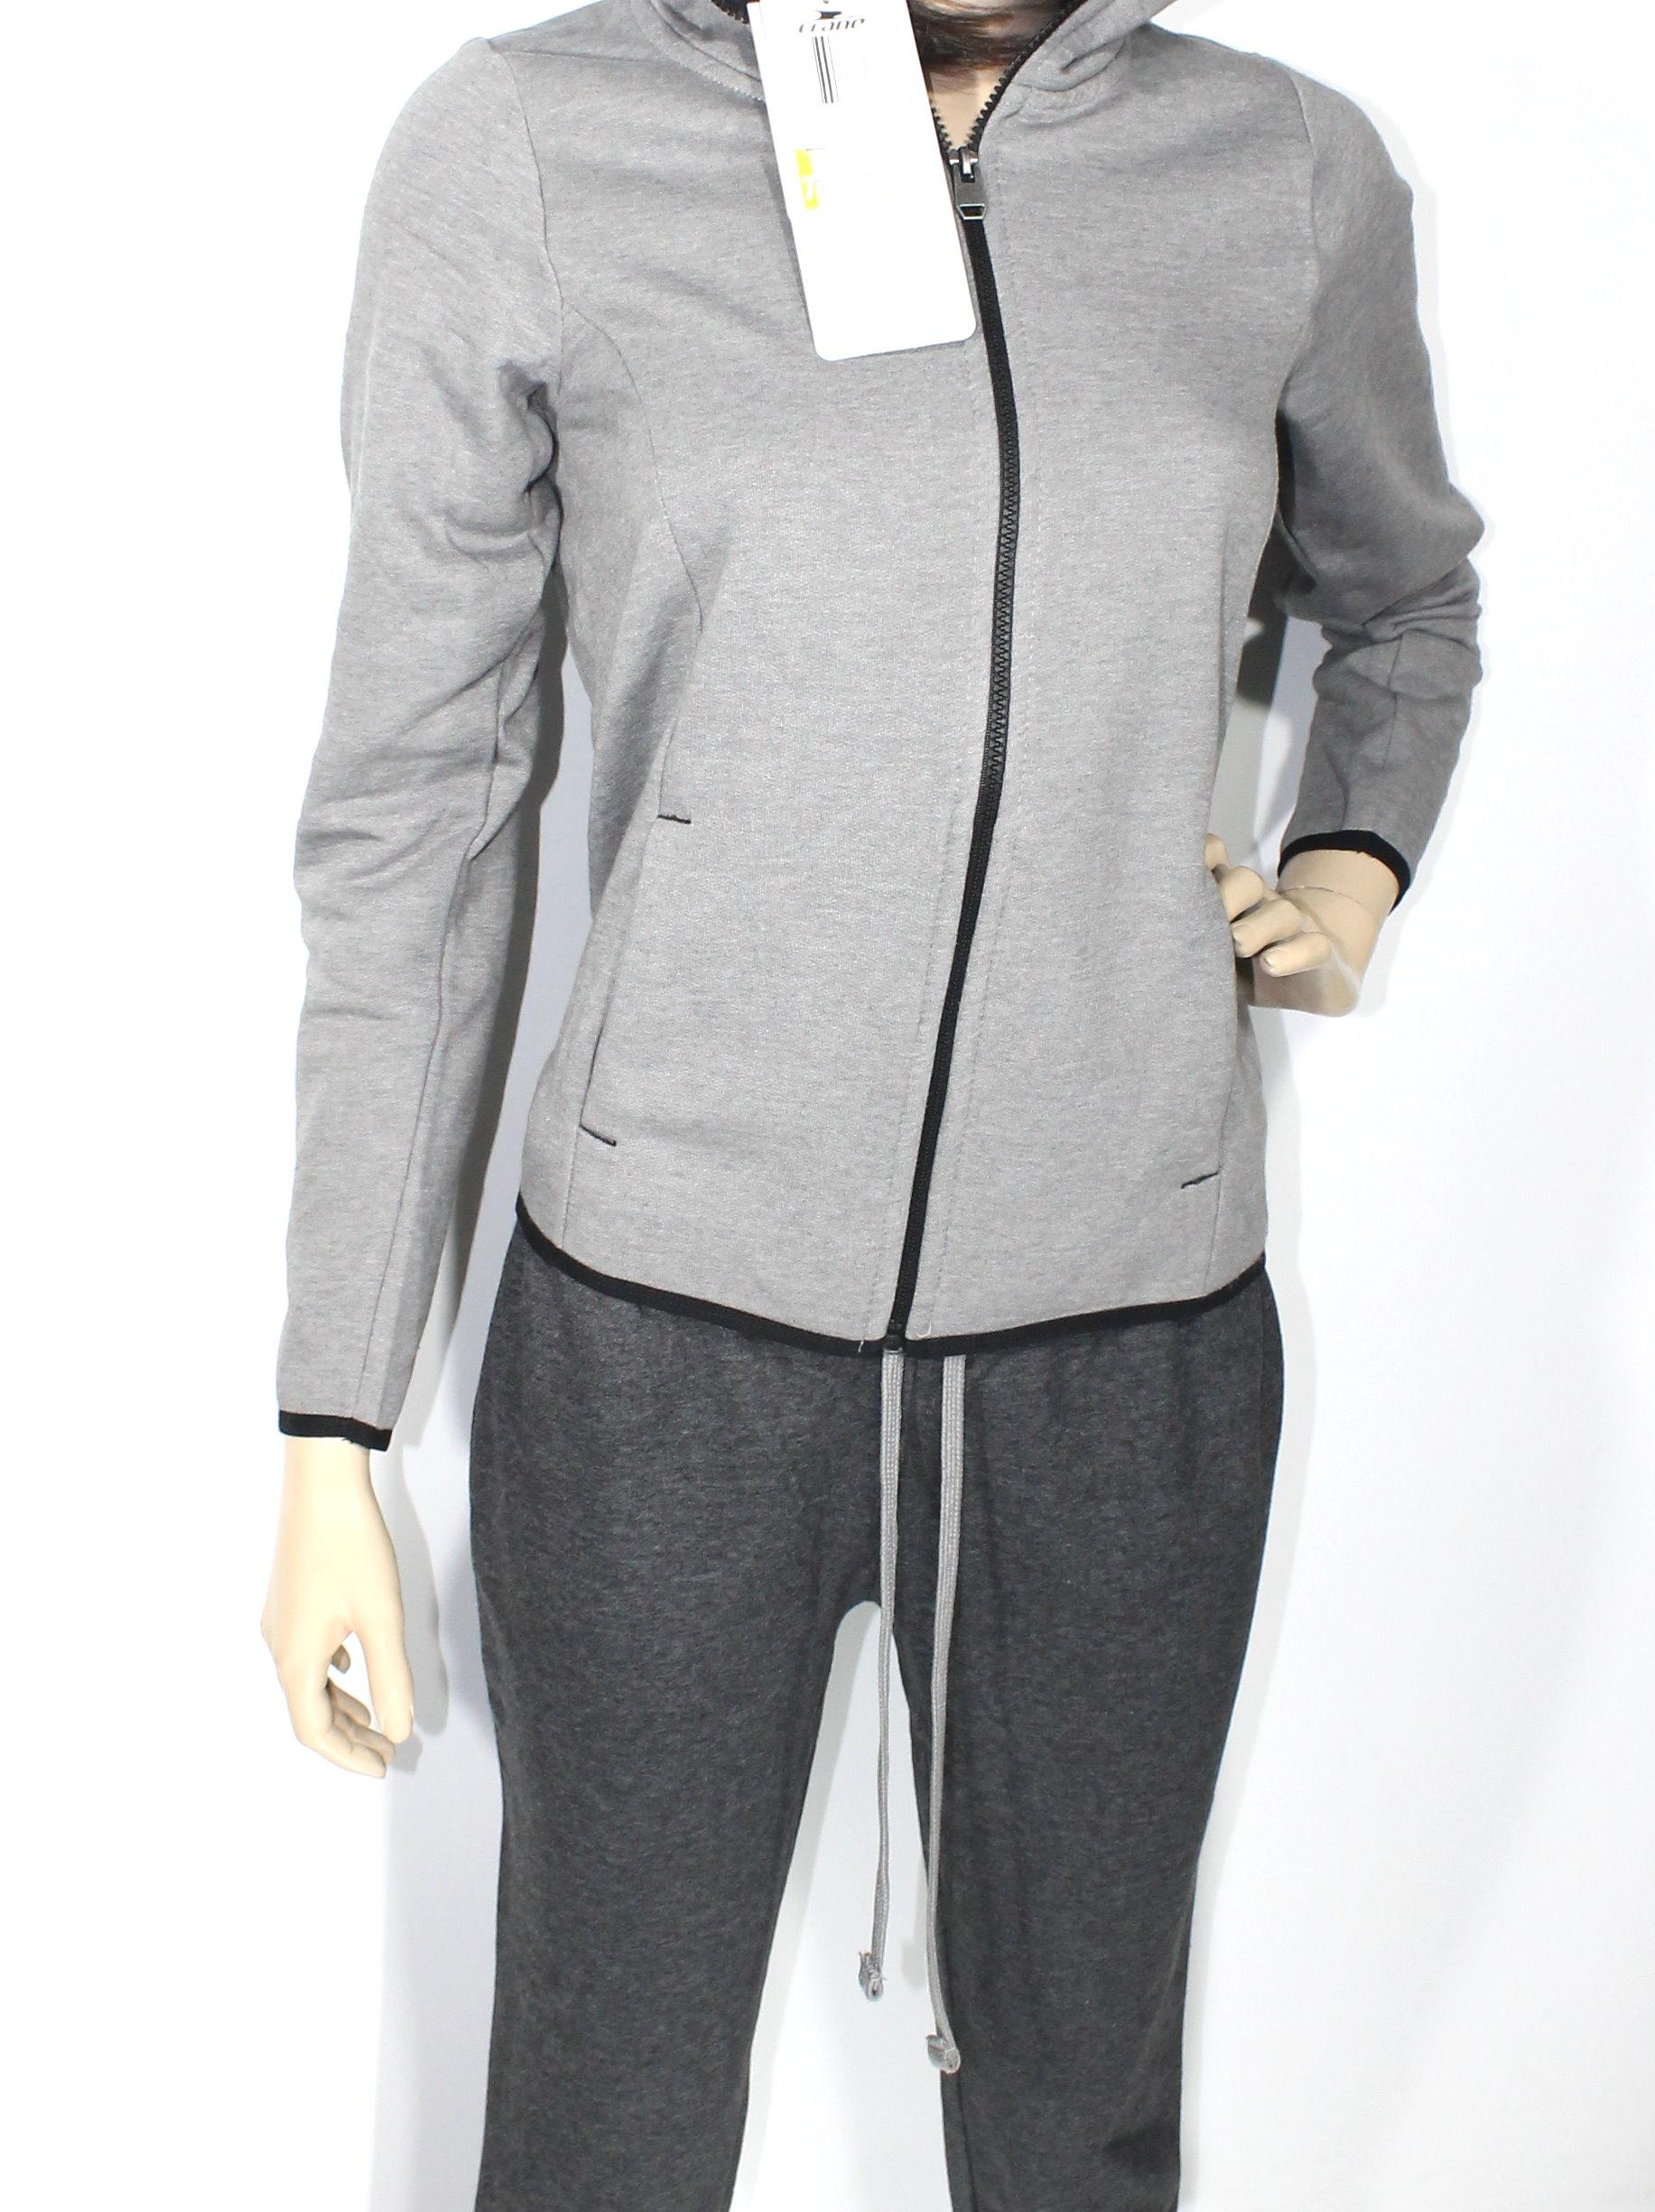 b5a2fb54 Женский спортивный костюм Crane от Stockhouse. Купить женскую ...